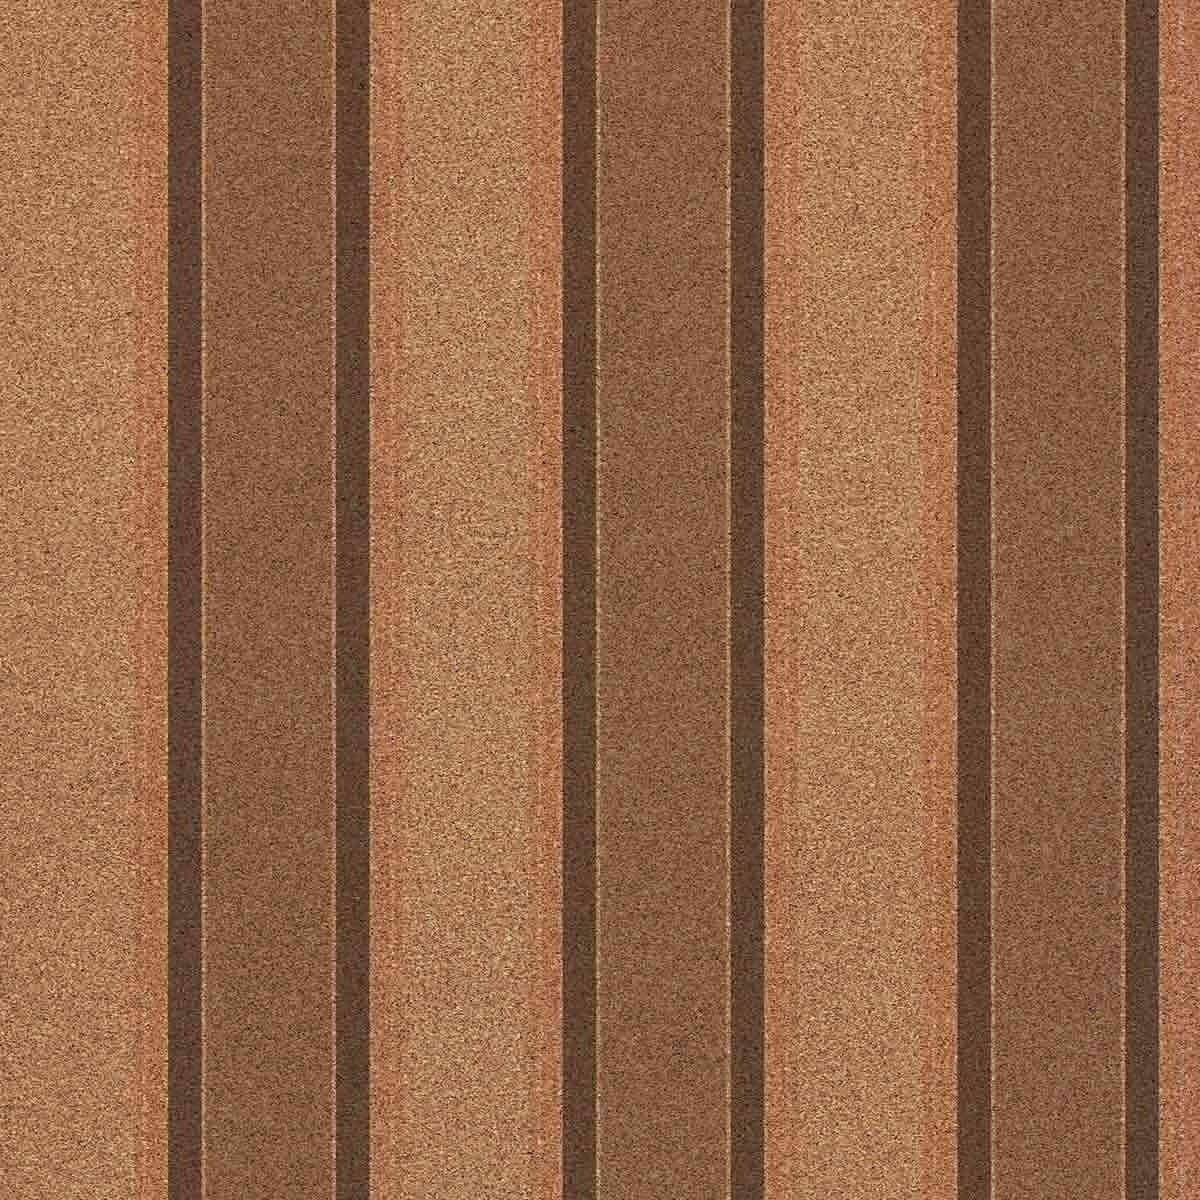 carta da parati in sughero spessore 0,5mm Chic List Cement Cork